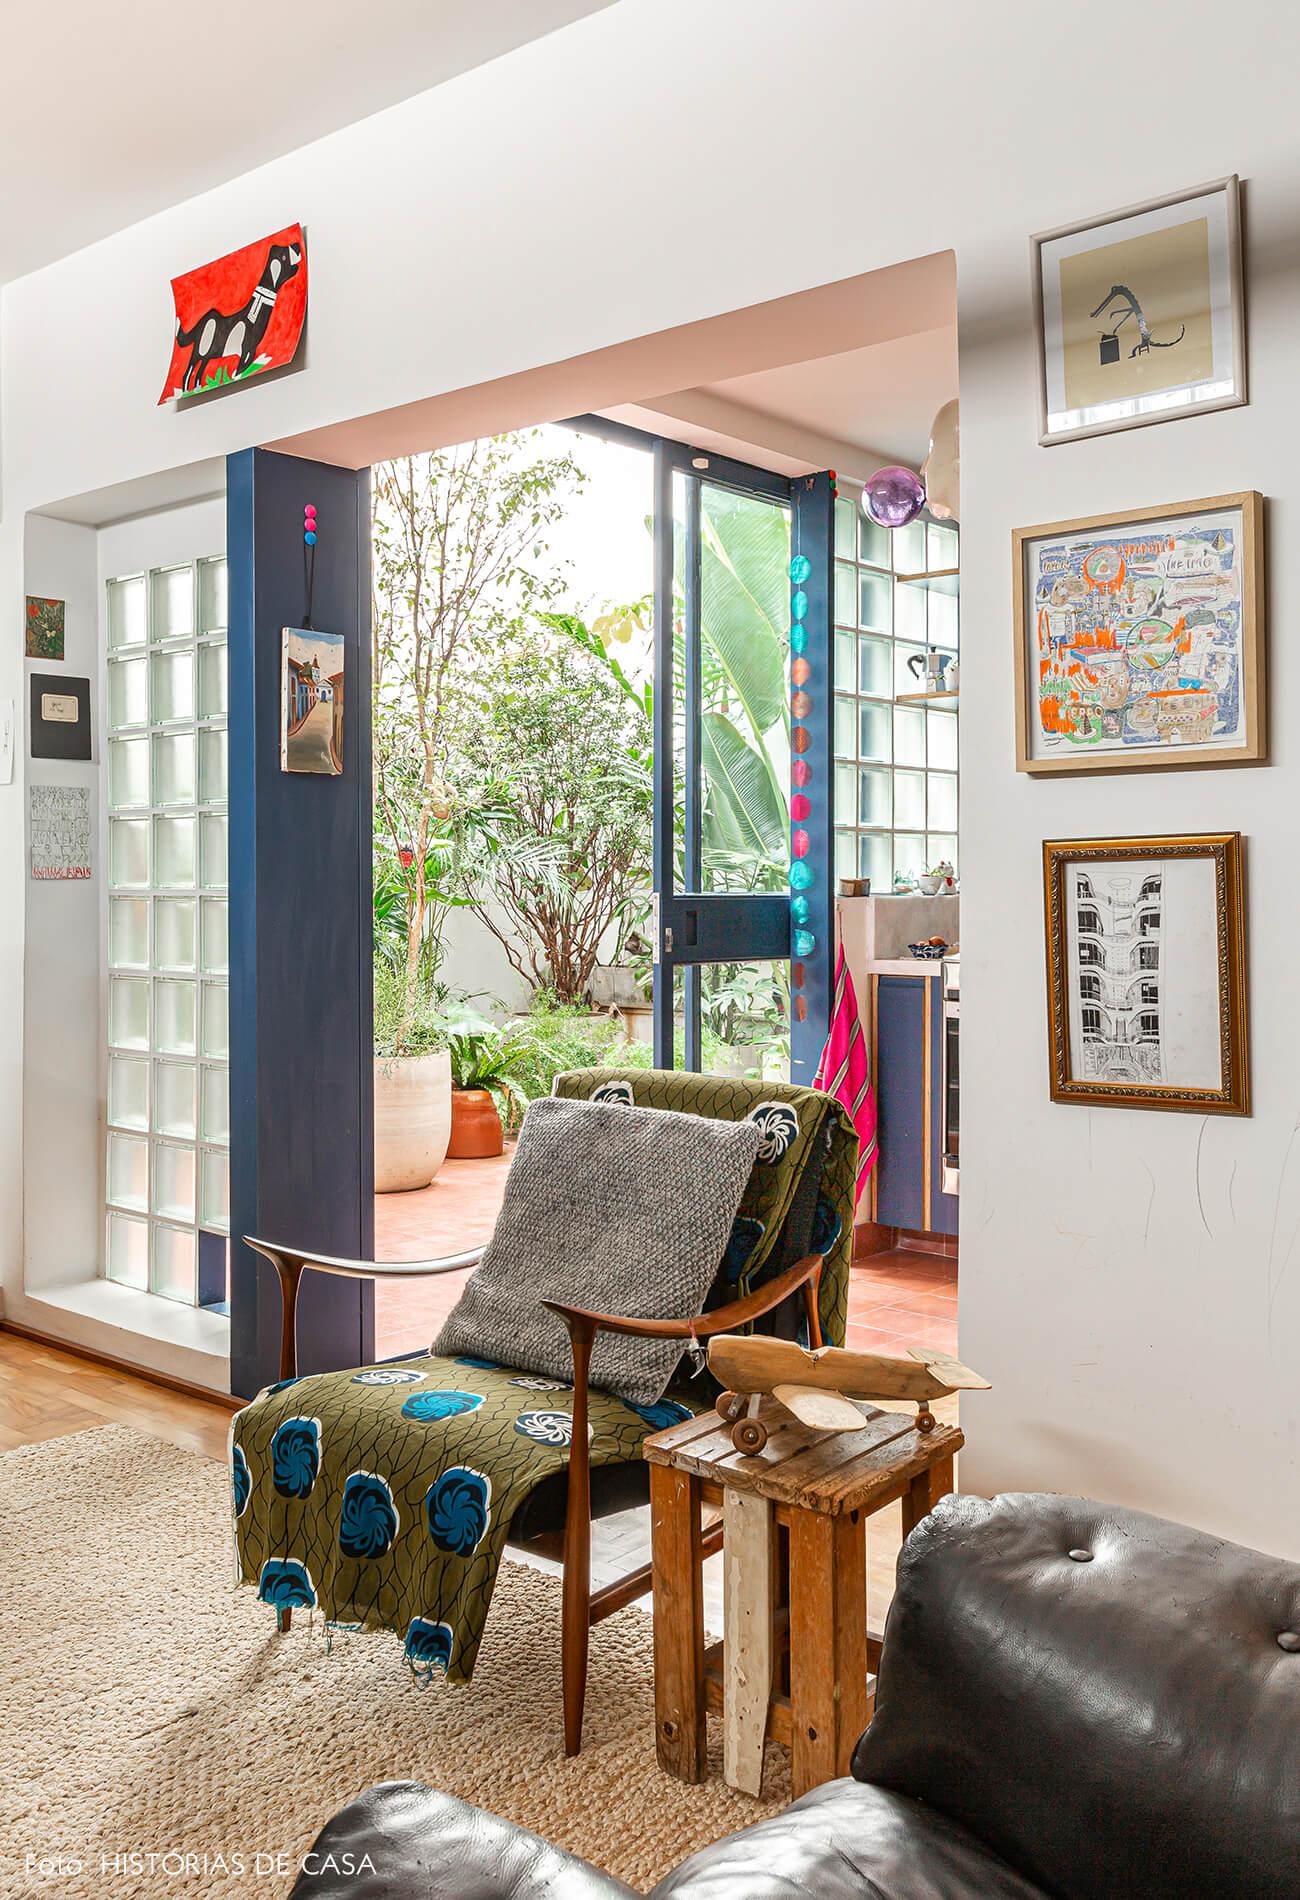 Apartamento reformado, sala com sofá de couro preto e poltrona vintage